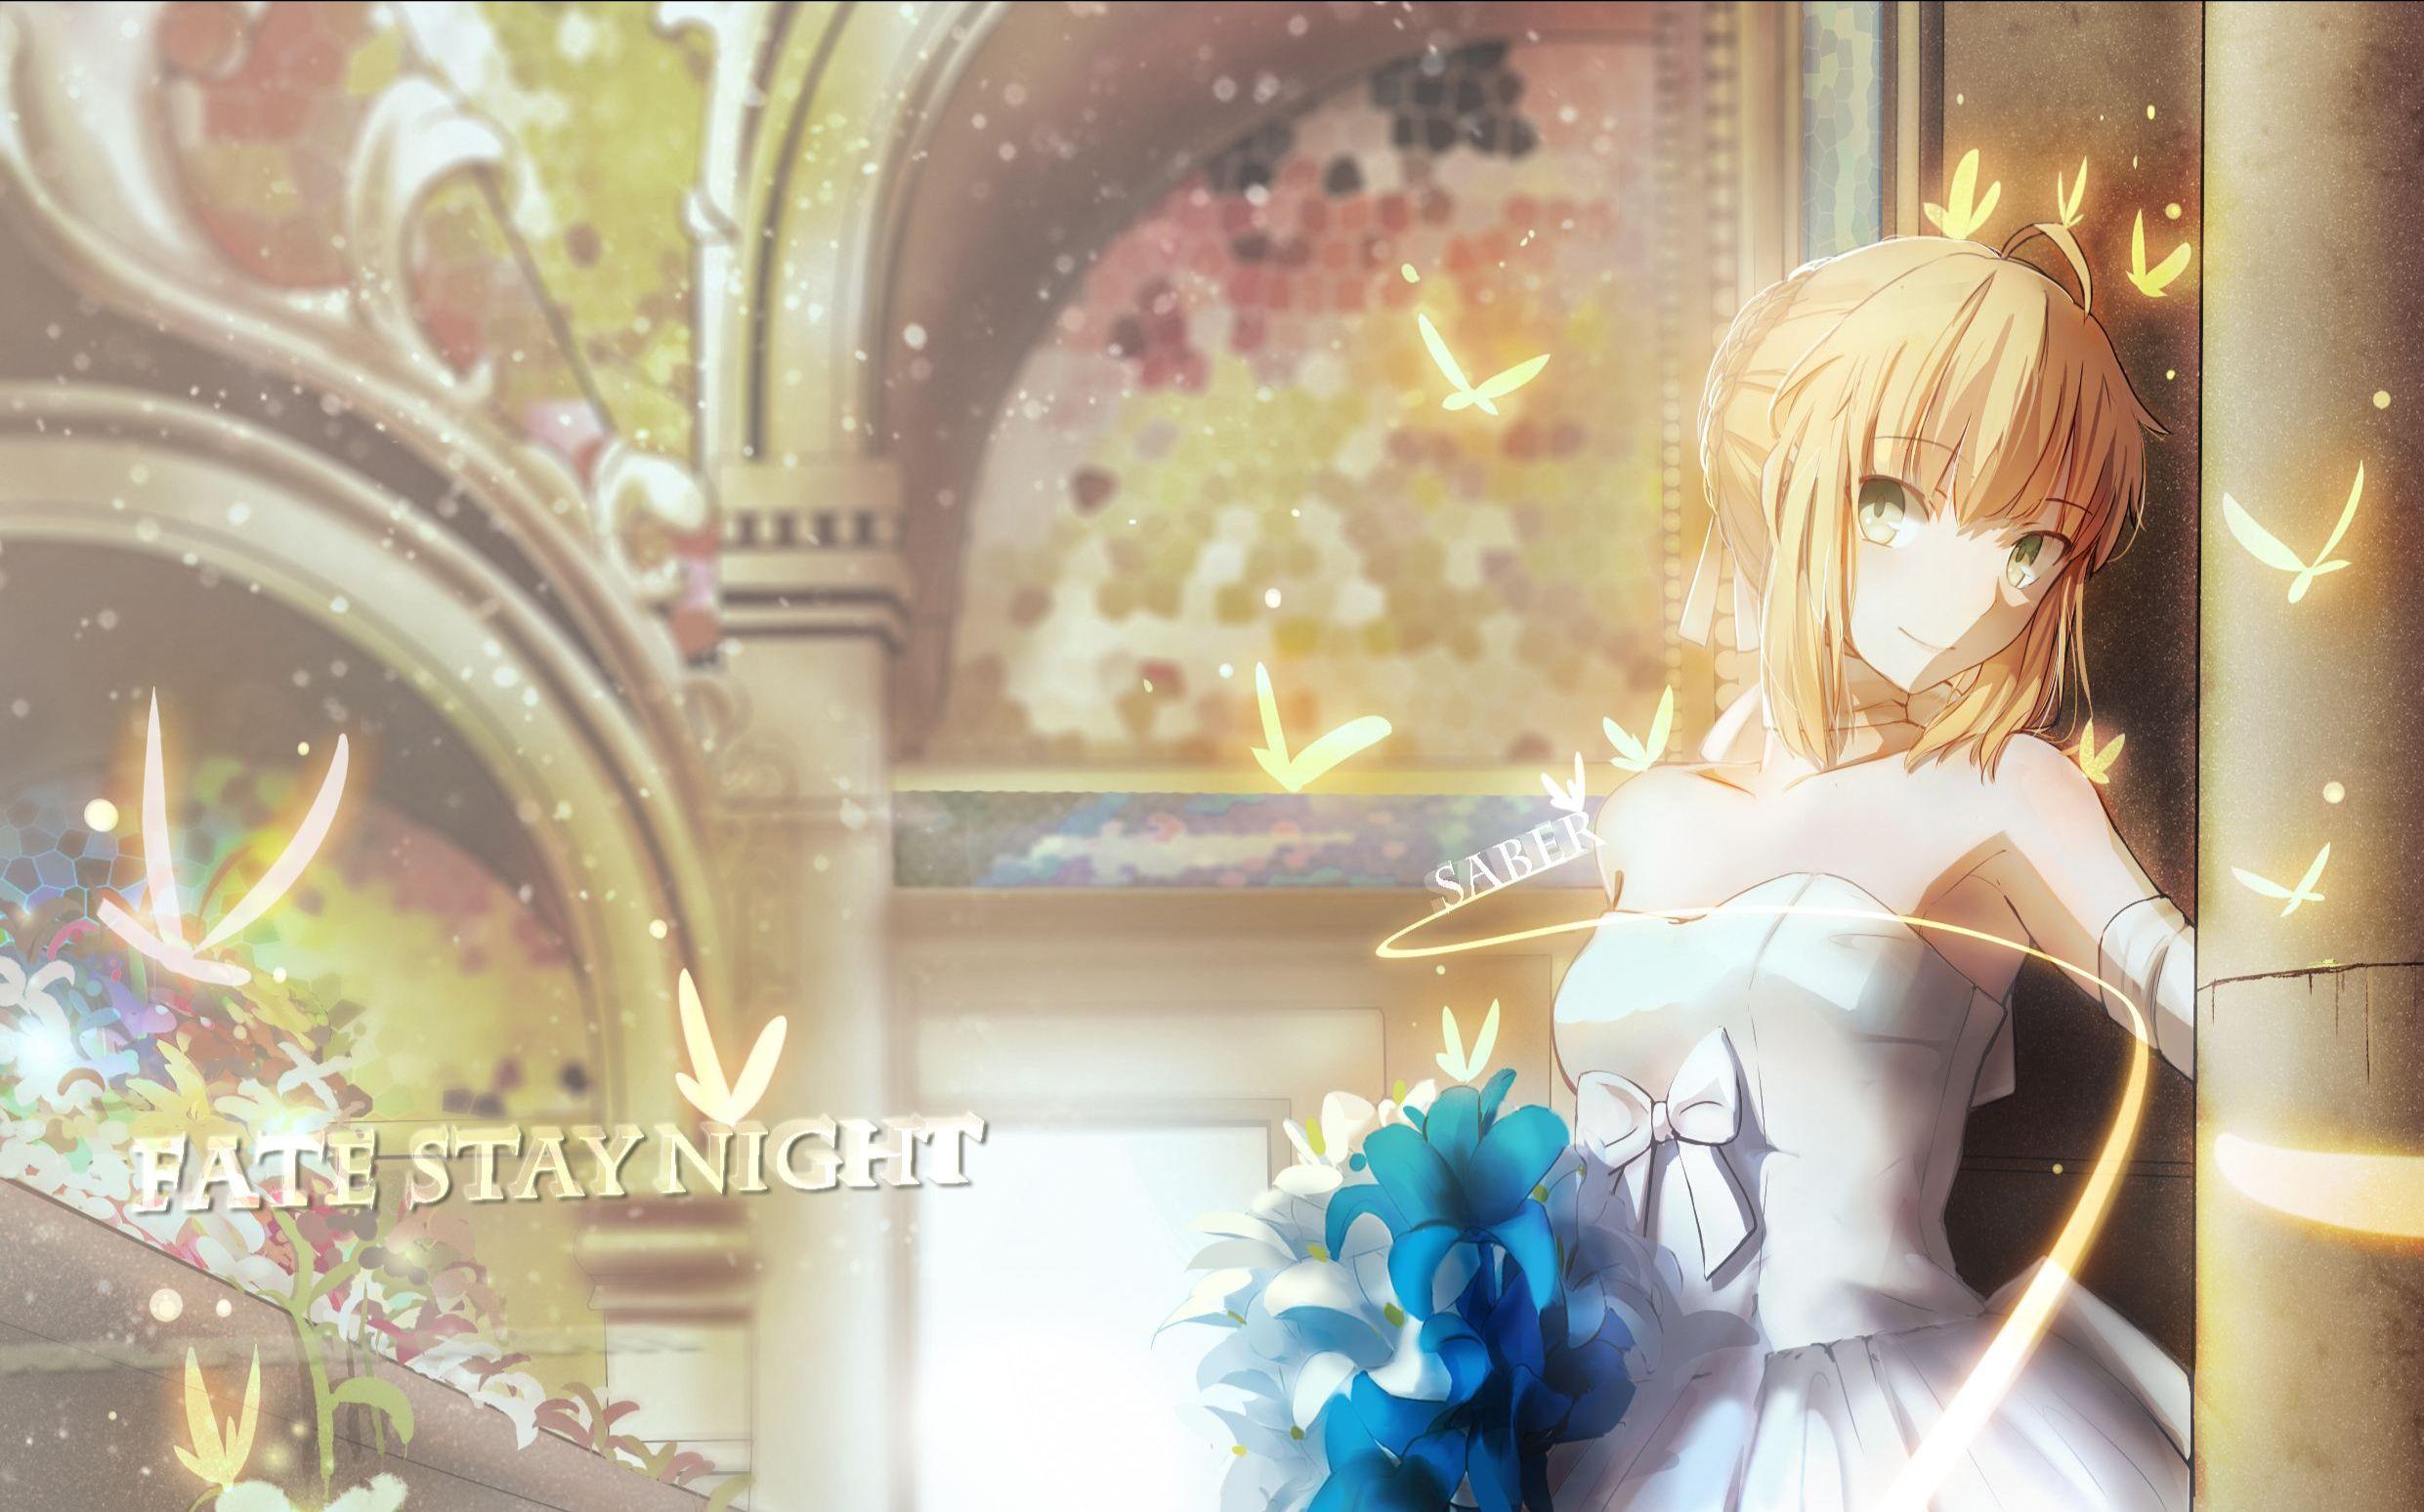 型月世界_fate/stay night[fate]-第1话 前夜